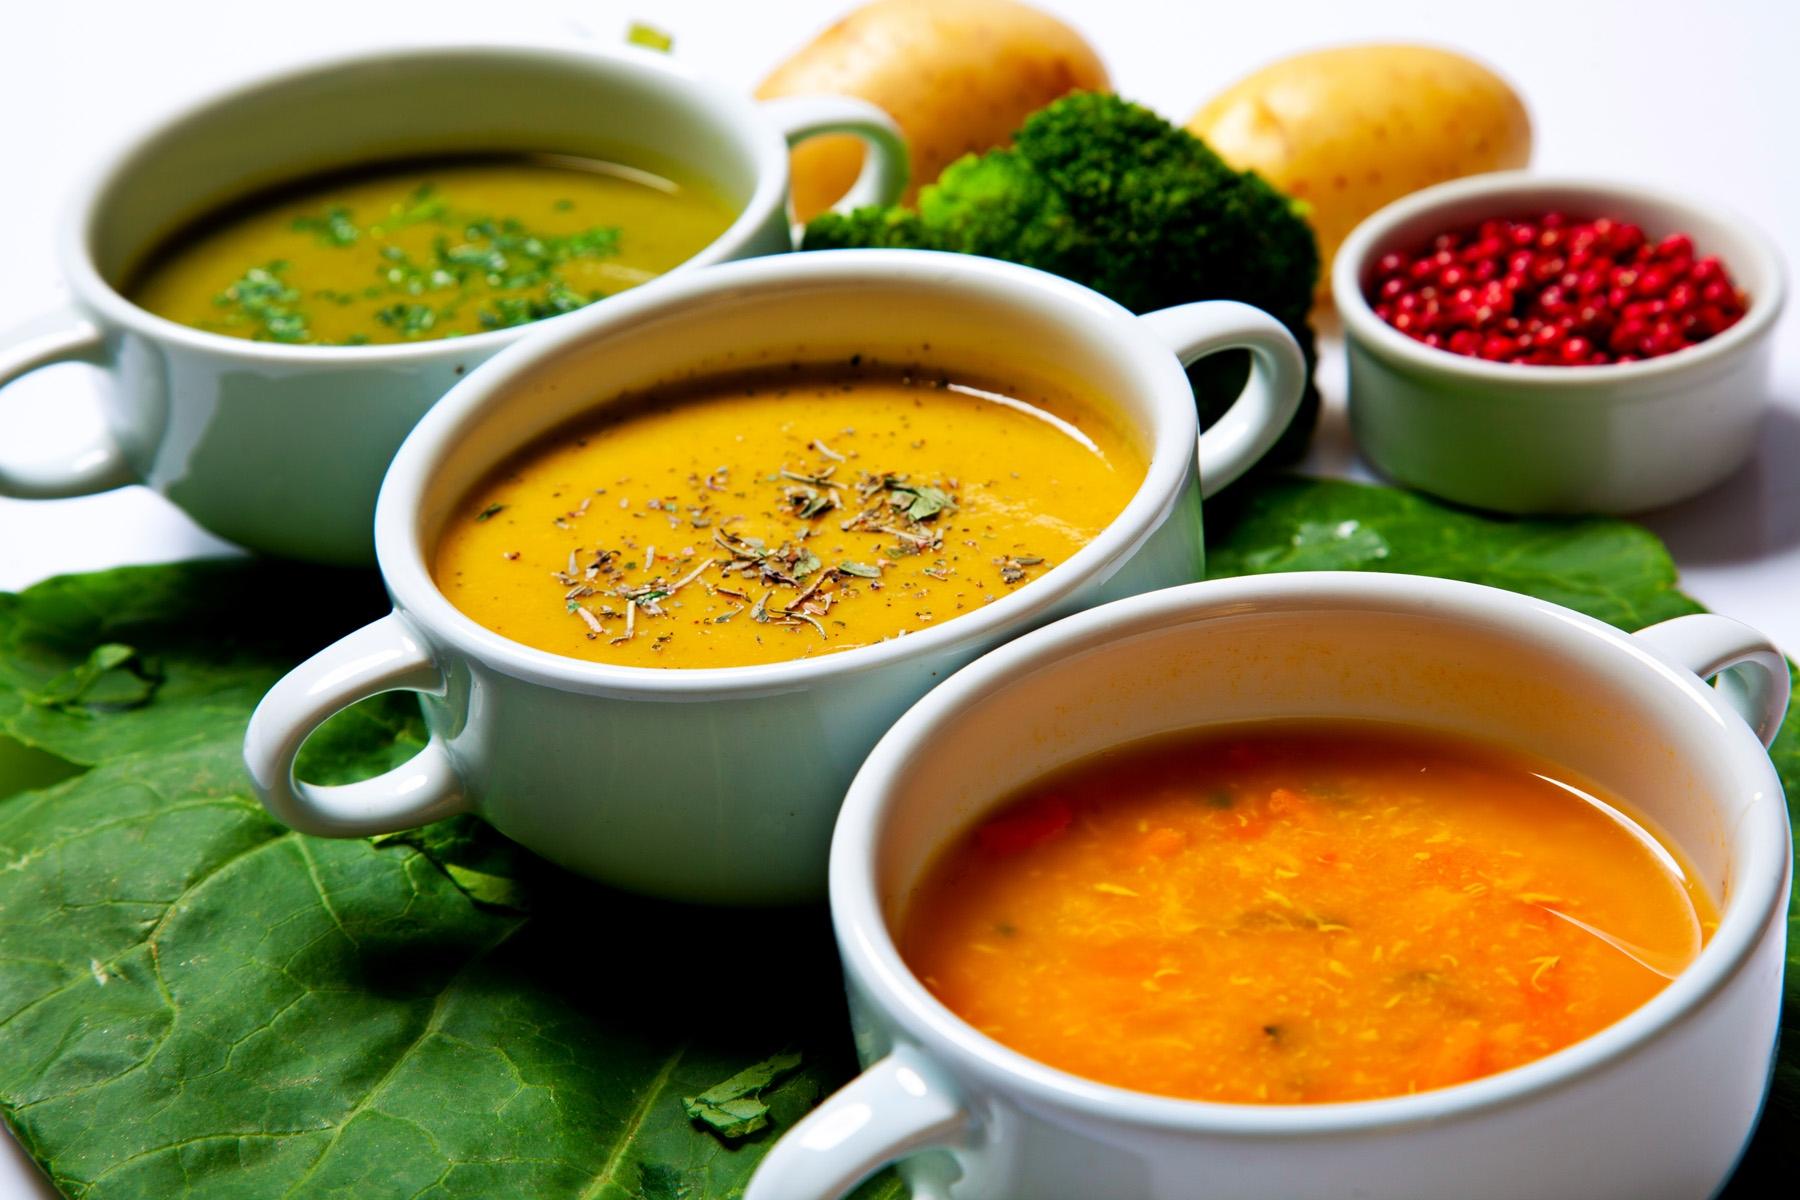 caldos e sopas em jundiaí